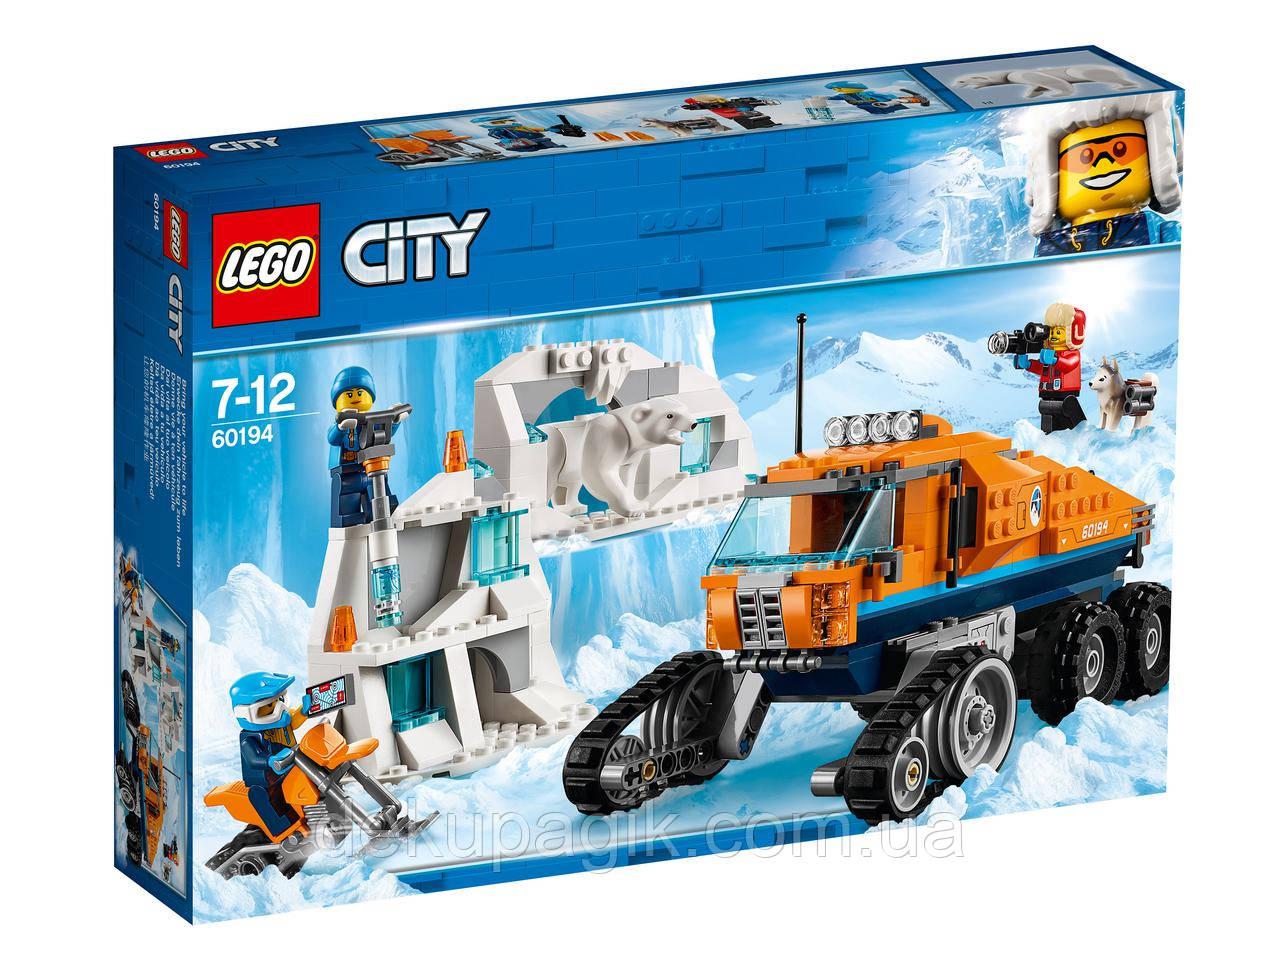 Lego City Арктическая экспедиция: Грузовик ледовой разведки 60194